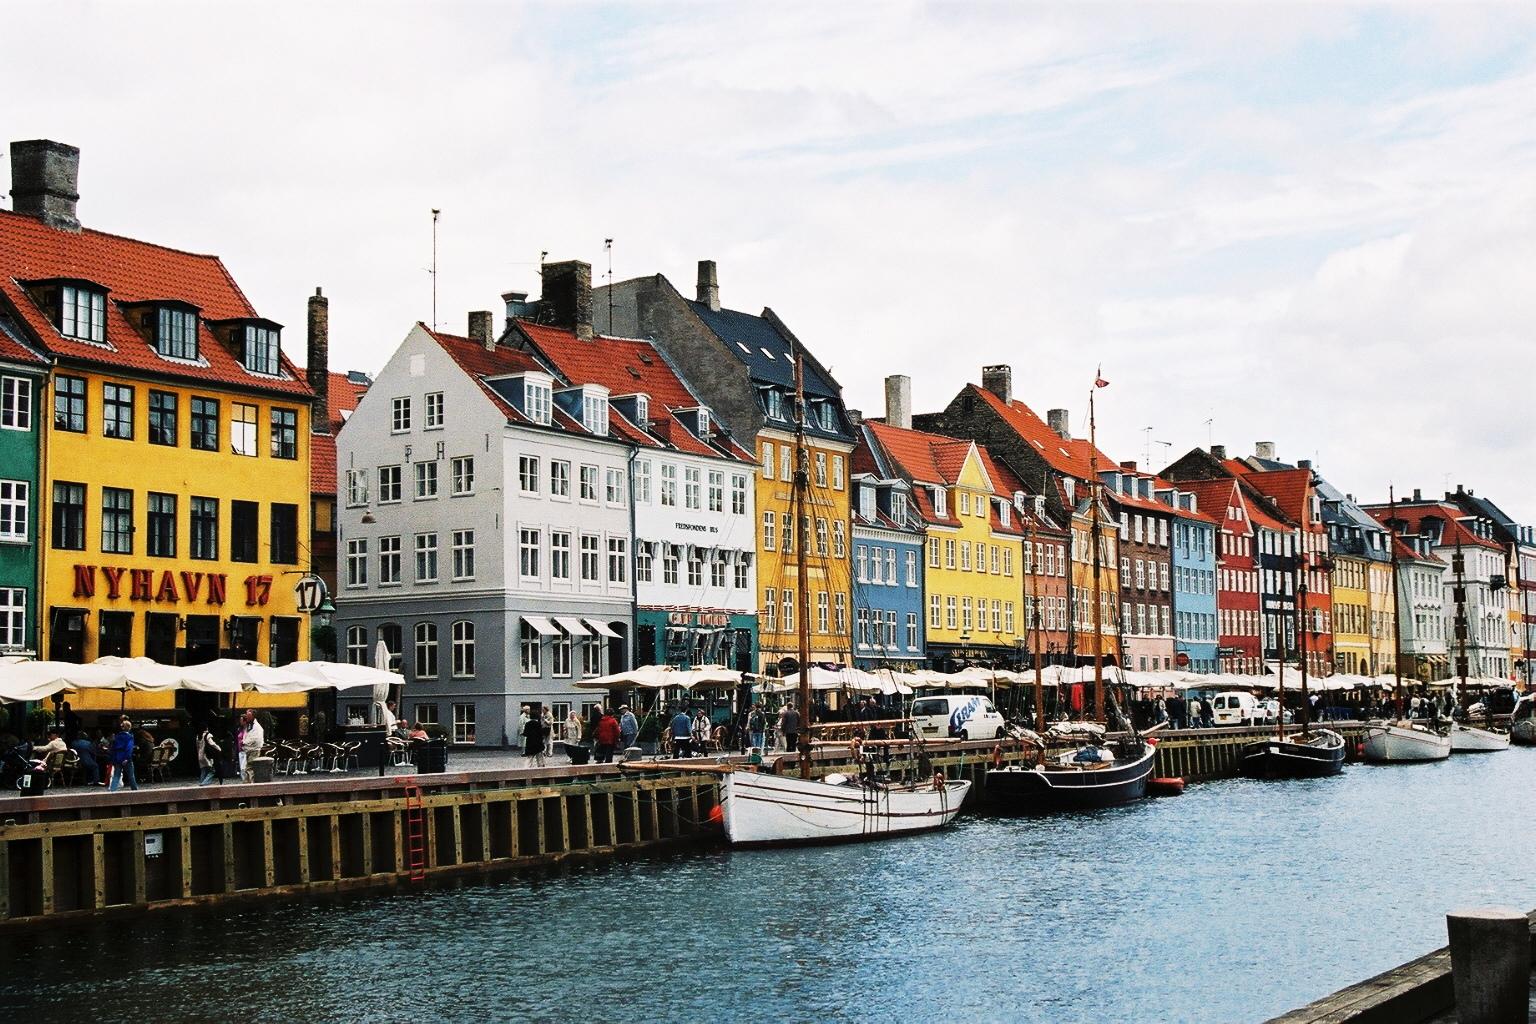 Danemark, Quartier Nyhavn, canal vieux port